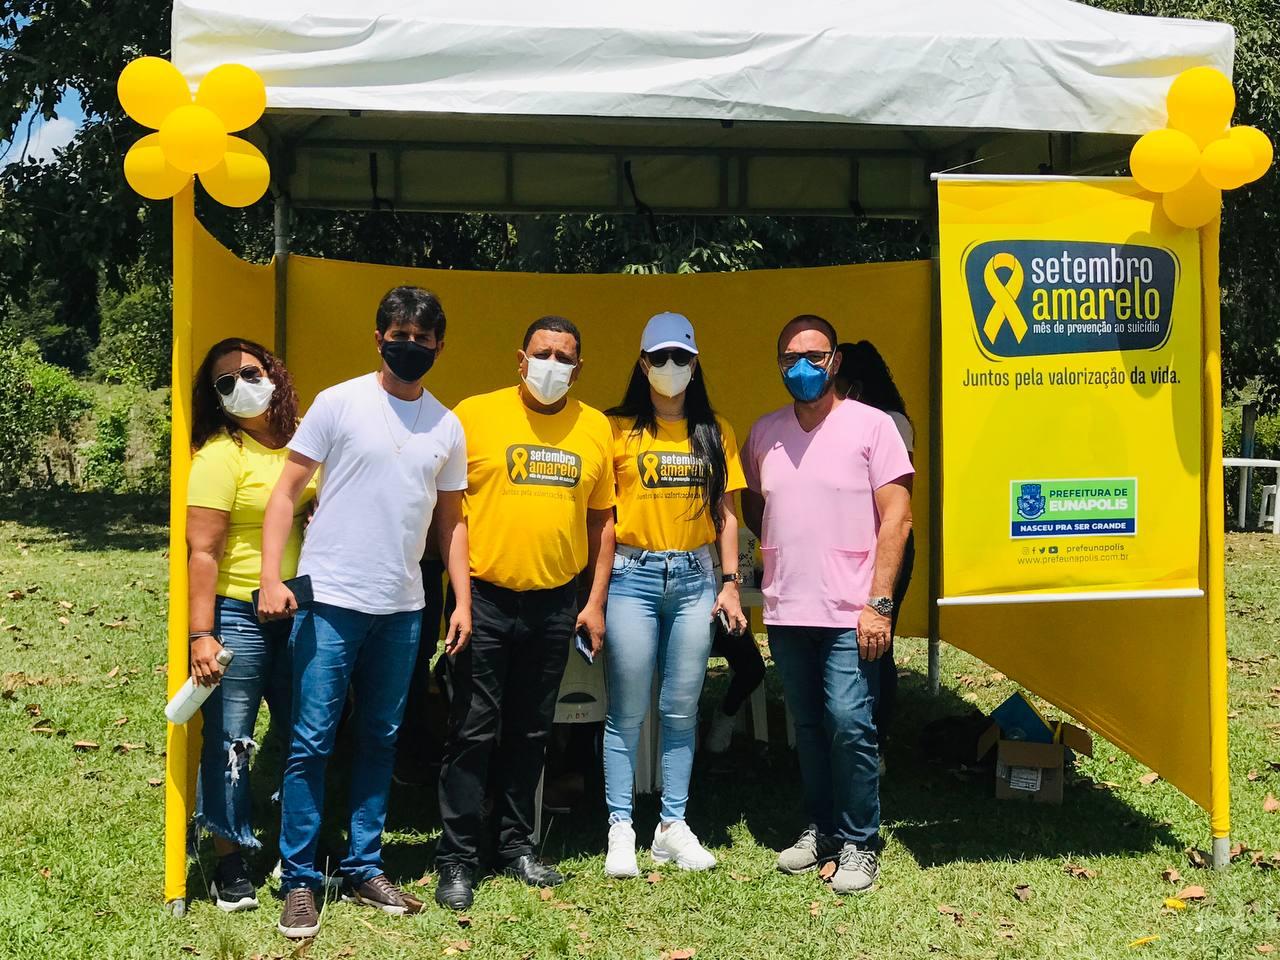 Ação da Secretaria de Saúde de Eunápolis promove SETEMBRO AMARELO em mais um distrito 33